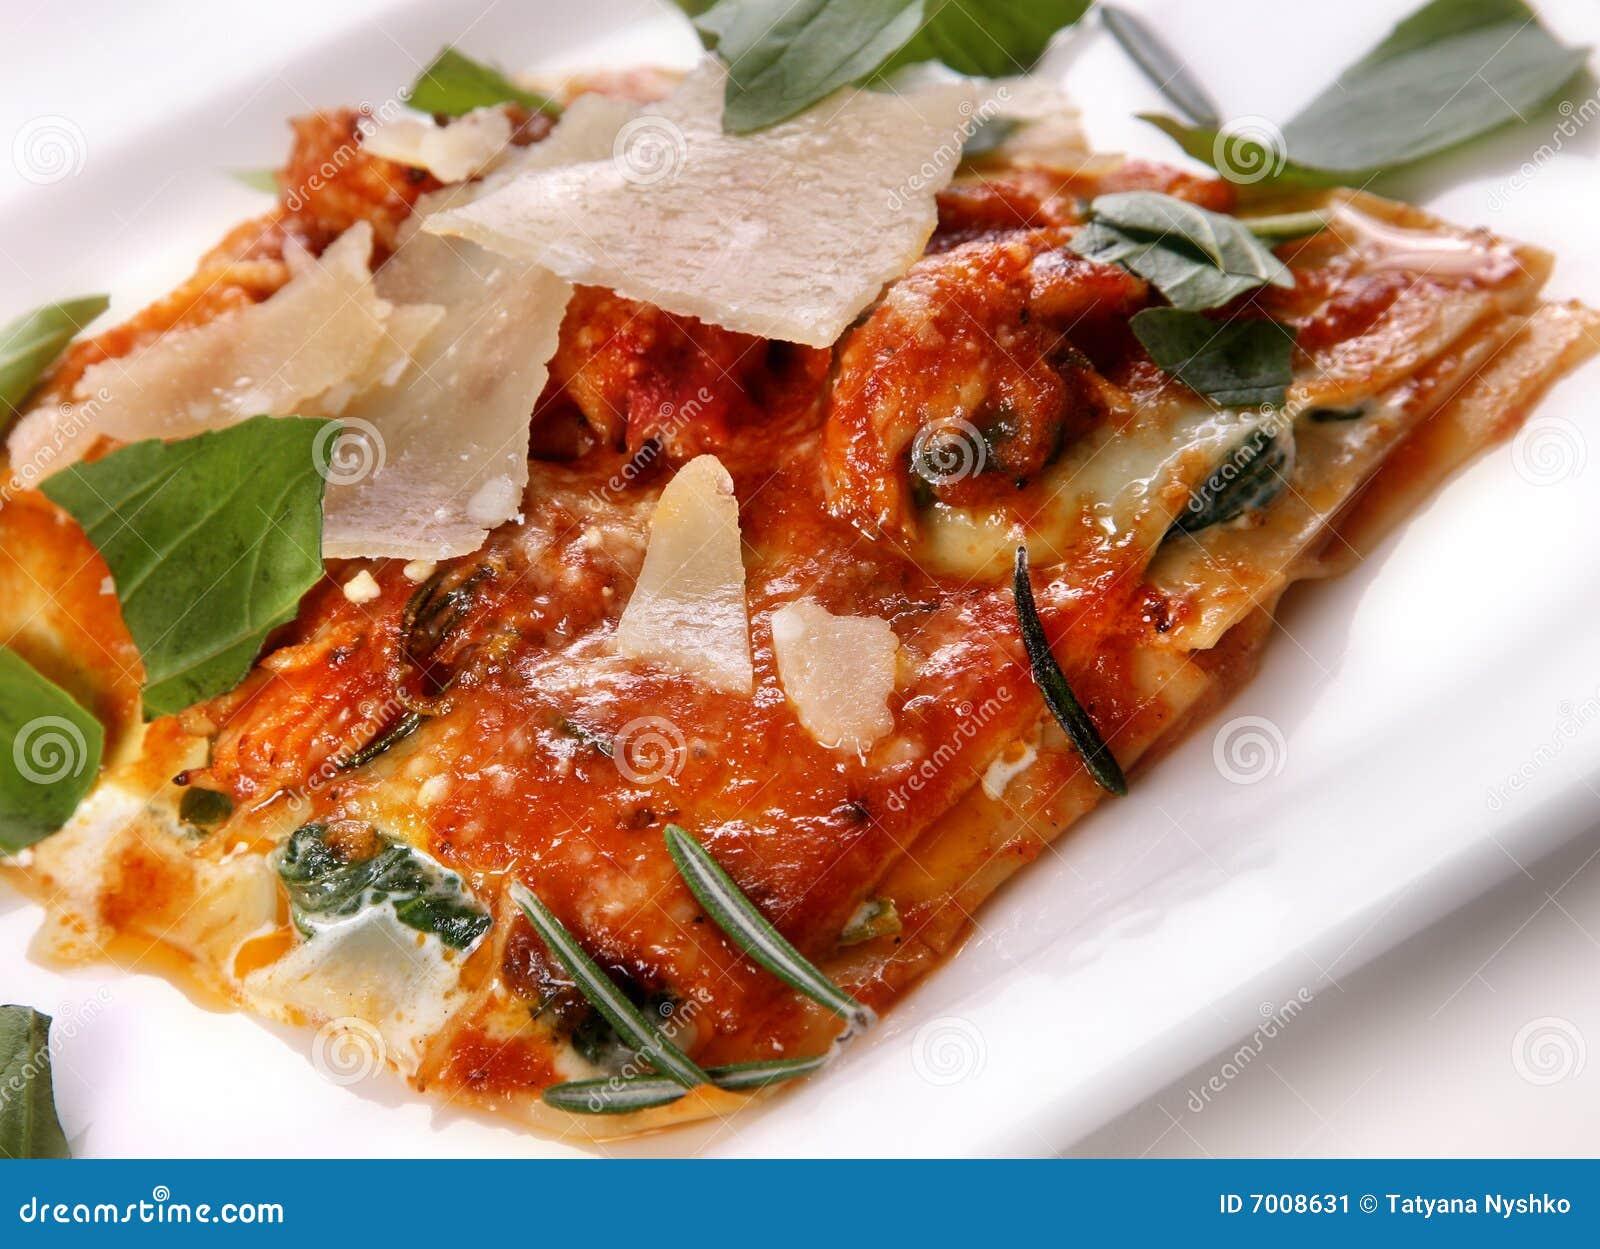 Lasagna italiano do alimento